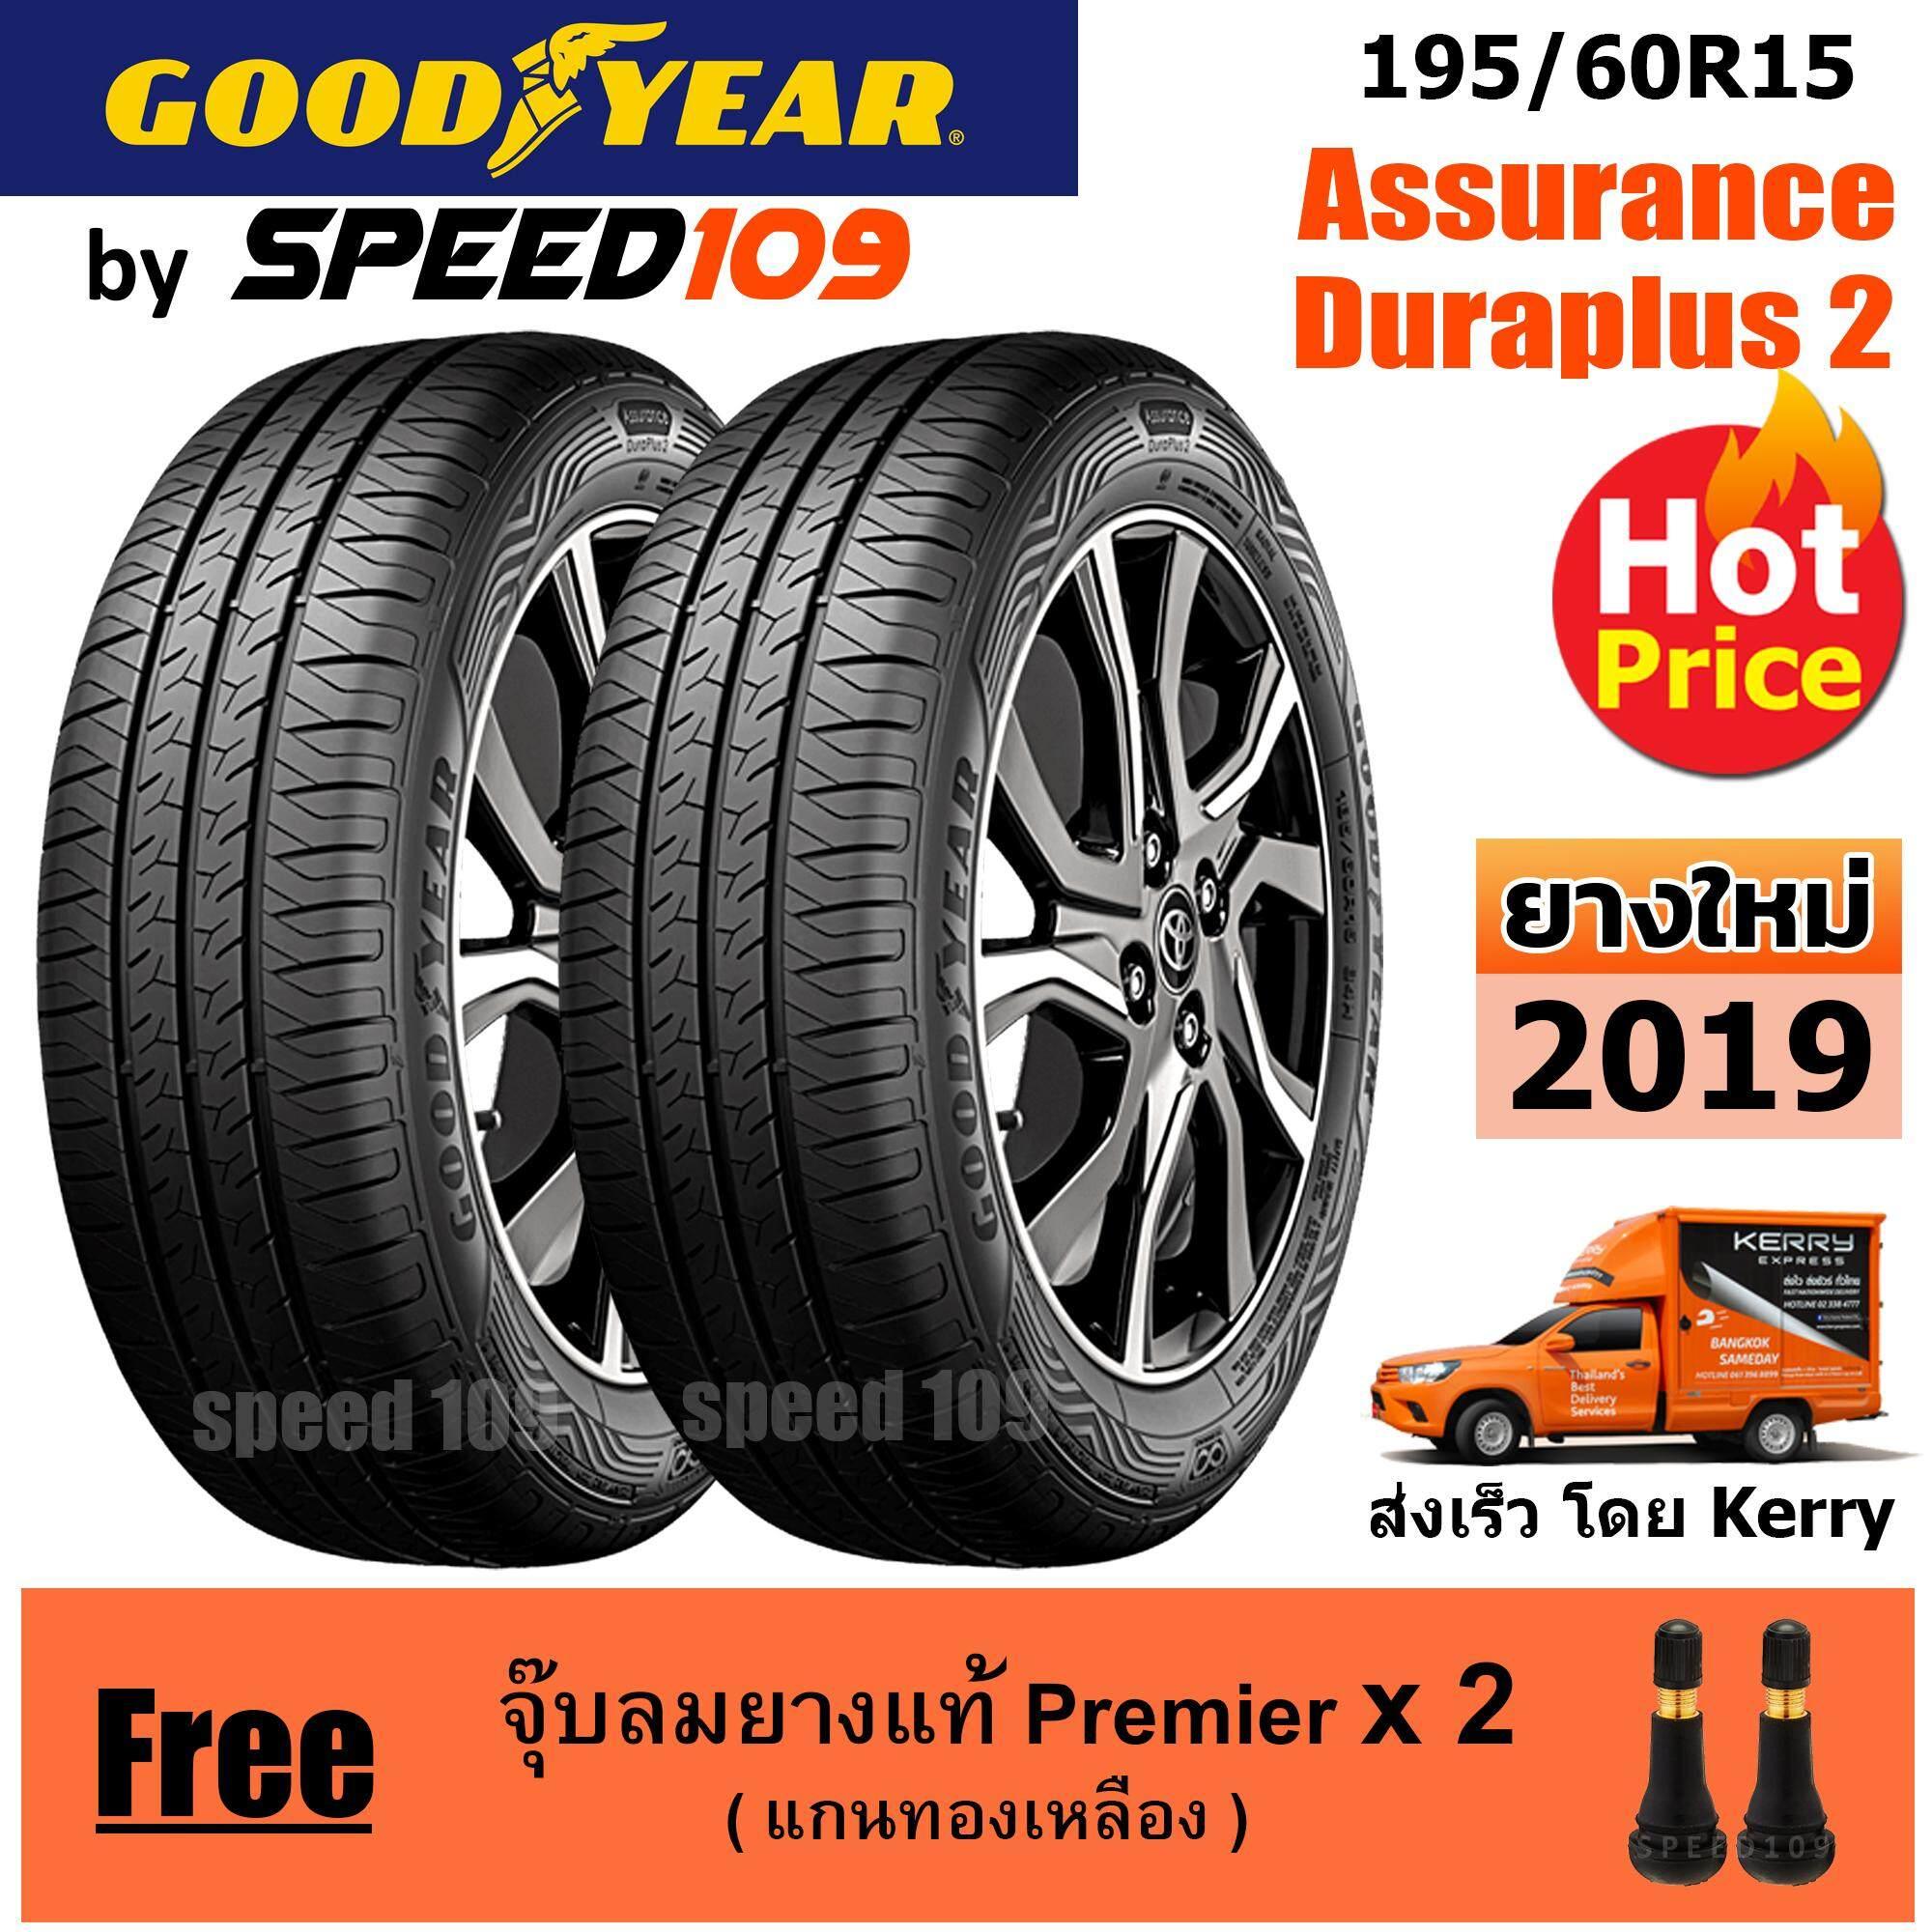 ประกันภัย รถยนต์ ชั้น 3 ราคา ถูก มหาสารคาม GOODYEAR  ยางรถยนต์ ขอบ 15 ขนาด 195/60R15 รุ่น Assurance Duraplus 2 - 2 เส้น (ปี 2019)